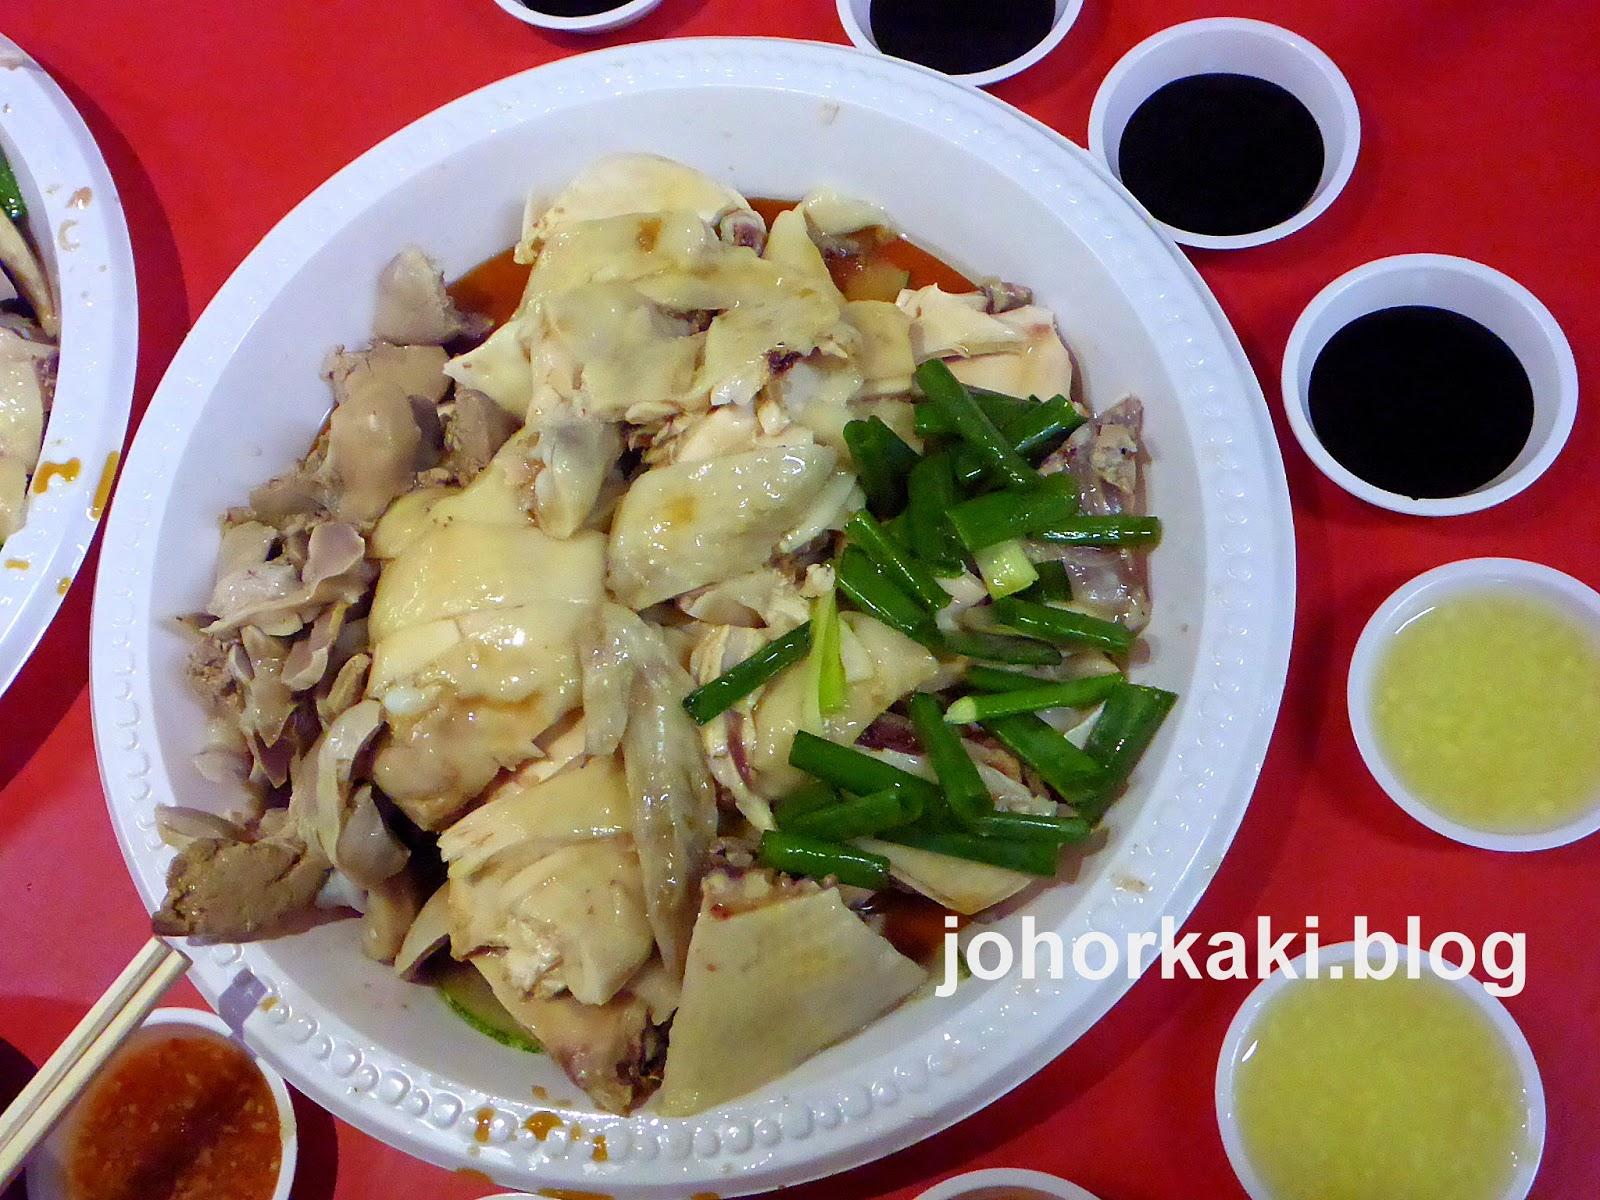 Best-Singapore-Chicken-Rice-Heng-Ji-Chinatown-Complex-享記雞飯